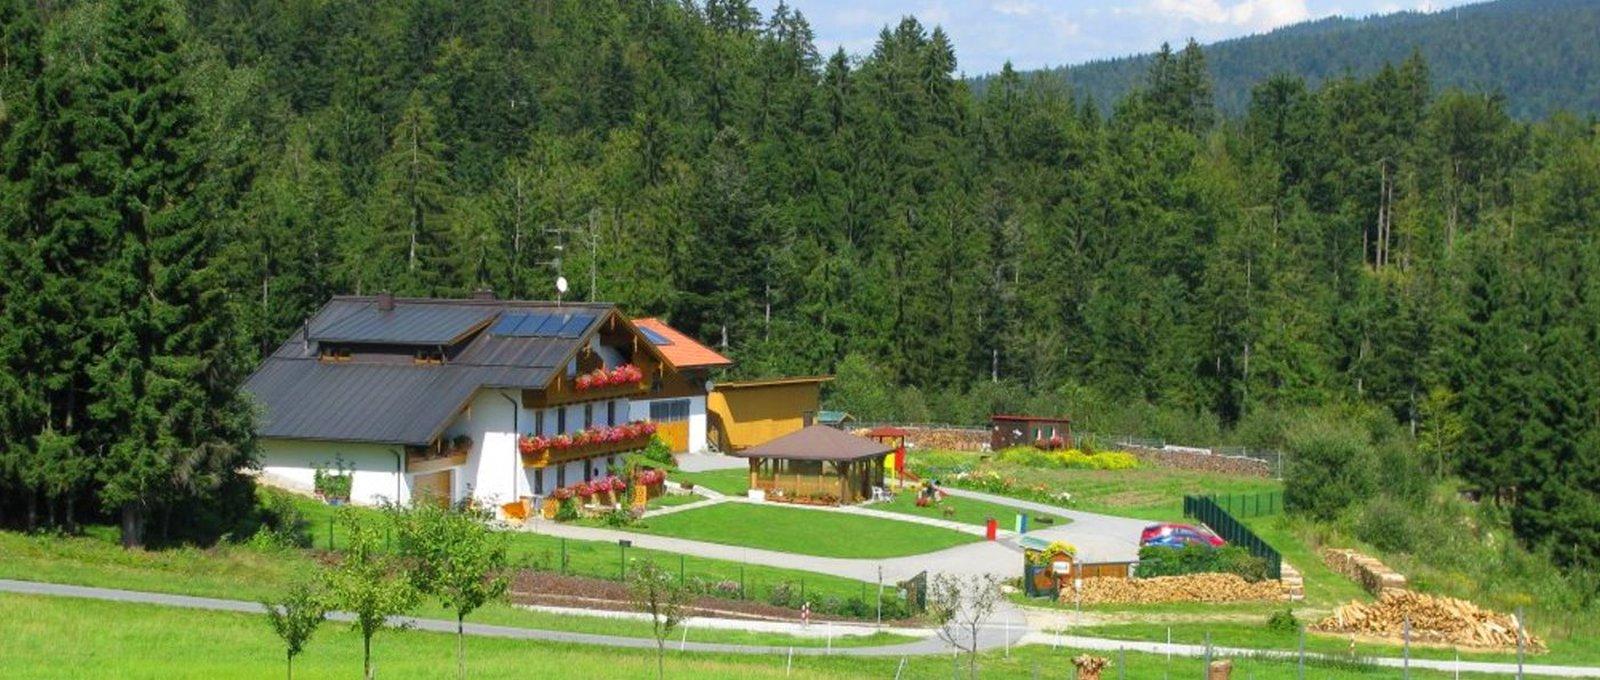 Dreiländereck Bayerischer Wald Haus Spannbauer